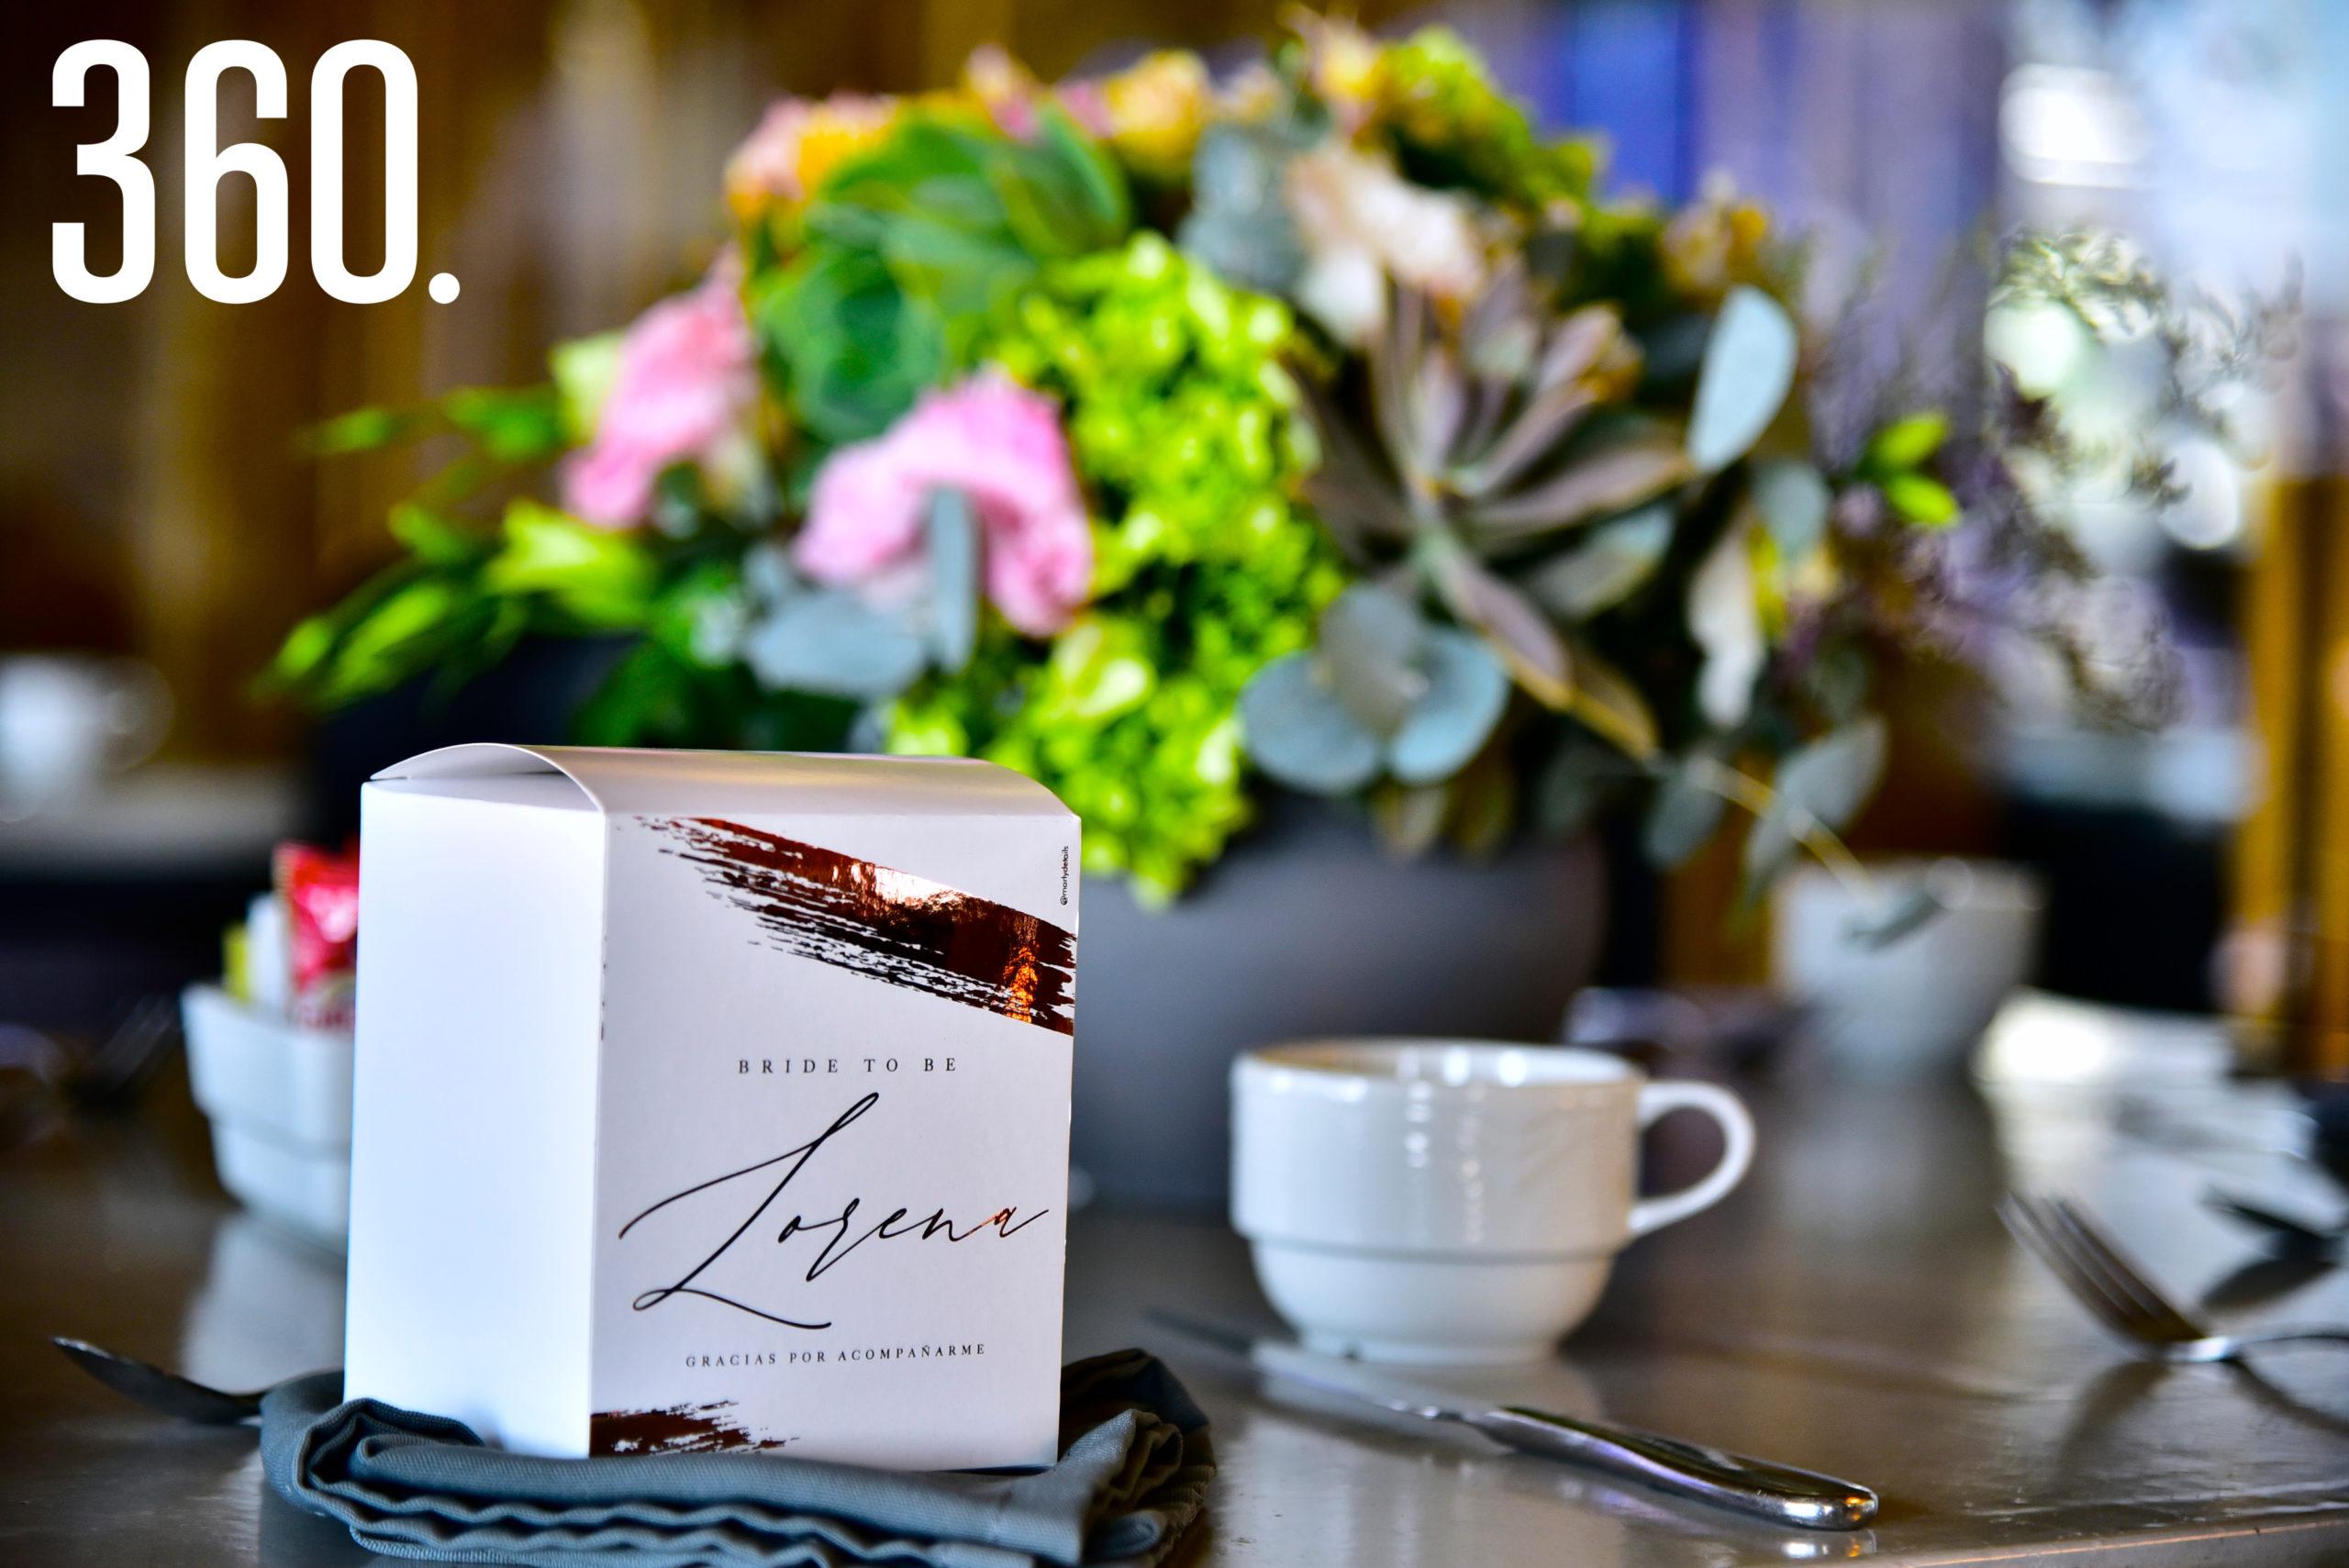 El evento se celebró en el restaurante El Tapanco, y contó con lindos detalles florales.